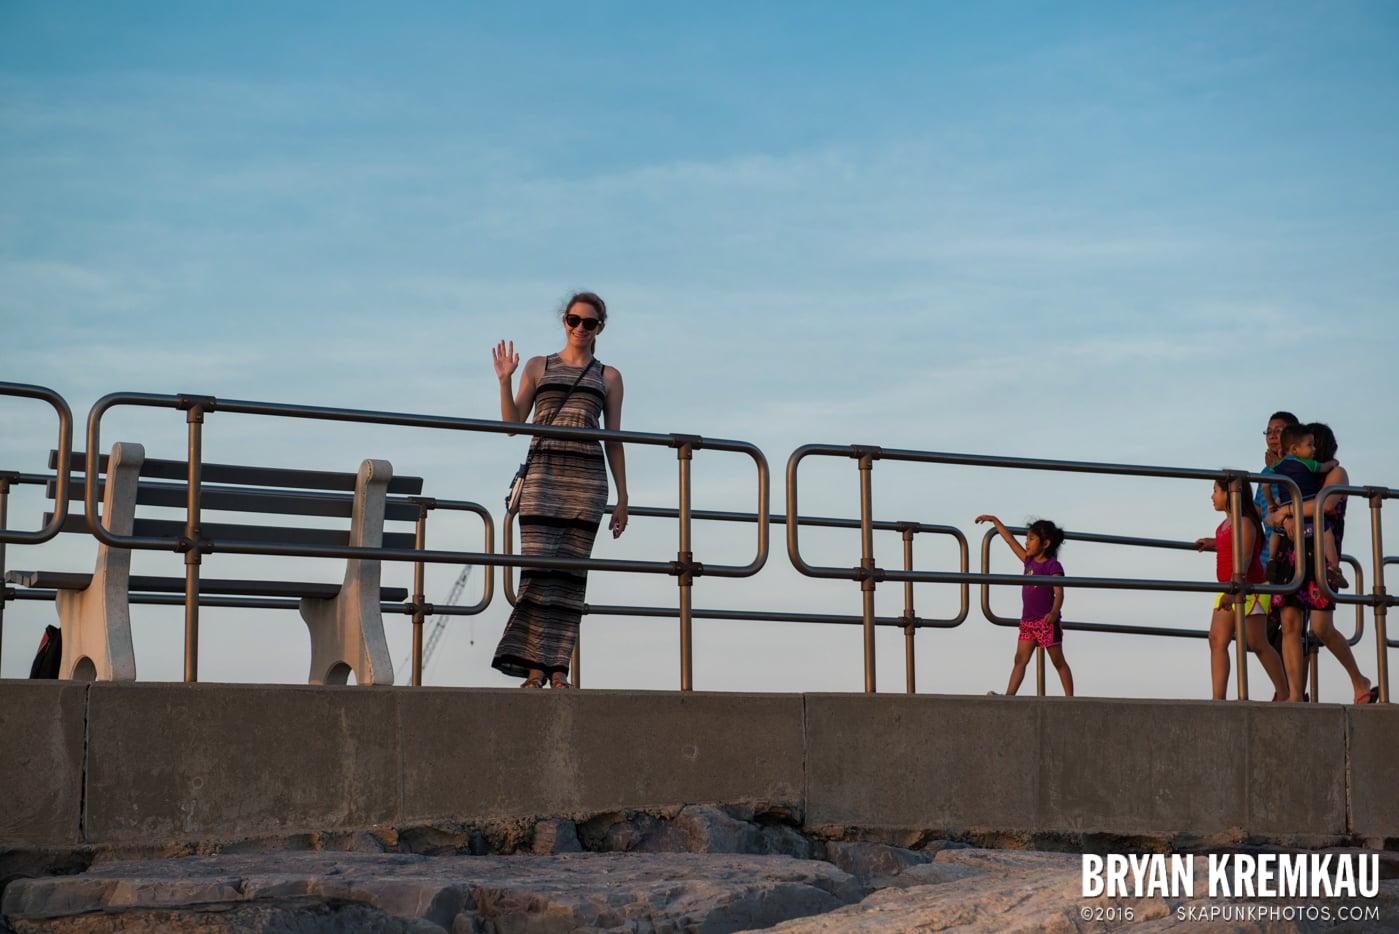 Beach Haven, Long Beach Island, NJ - 6.16.14 - 6.18.14 (12)